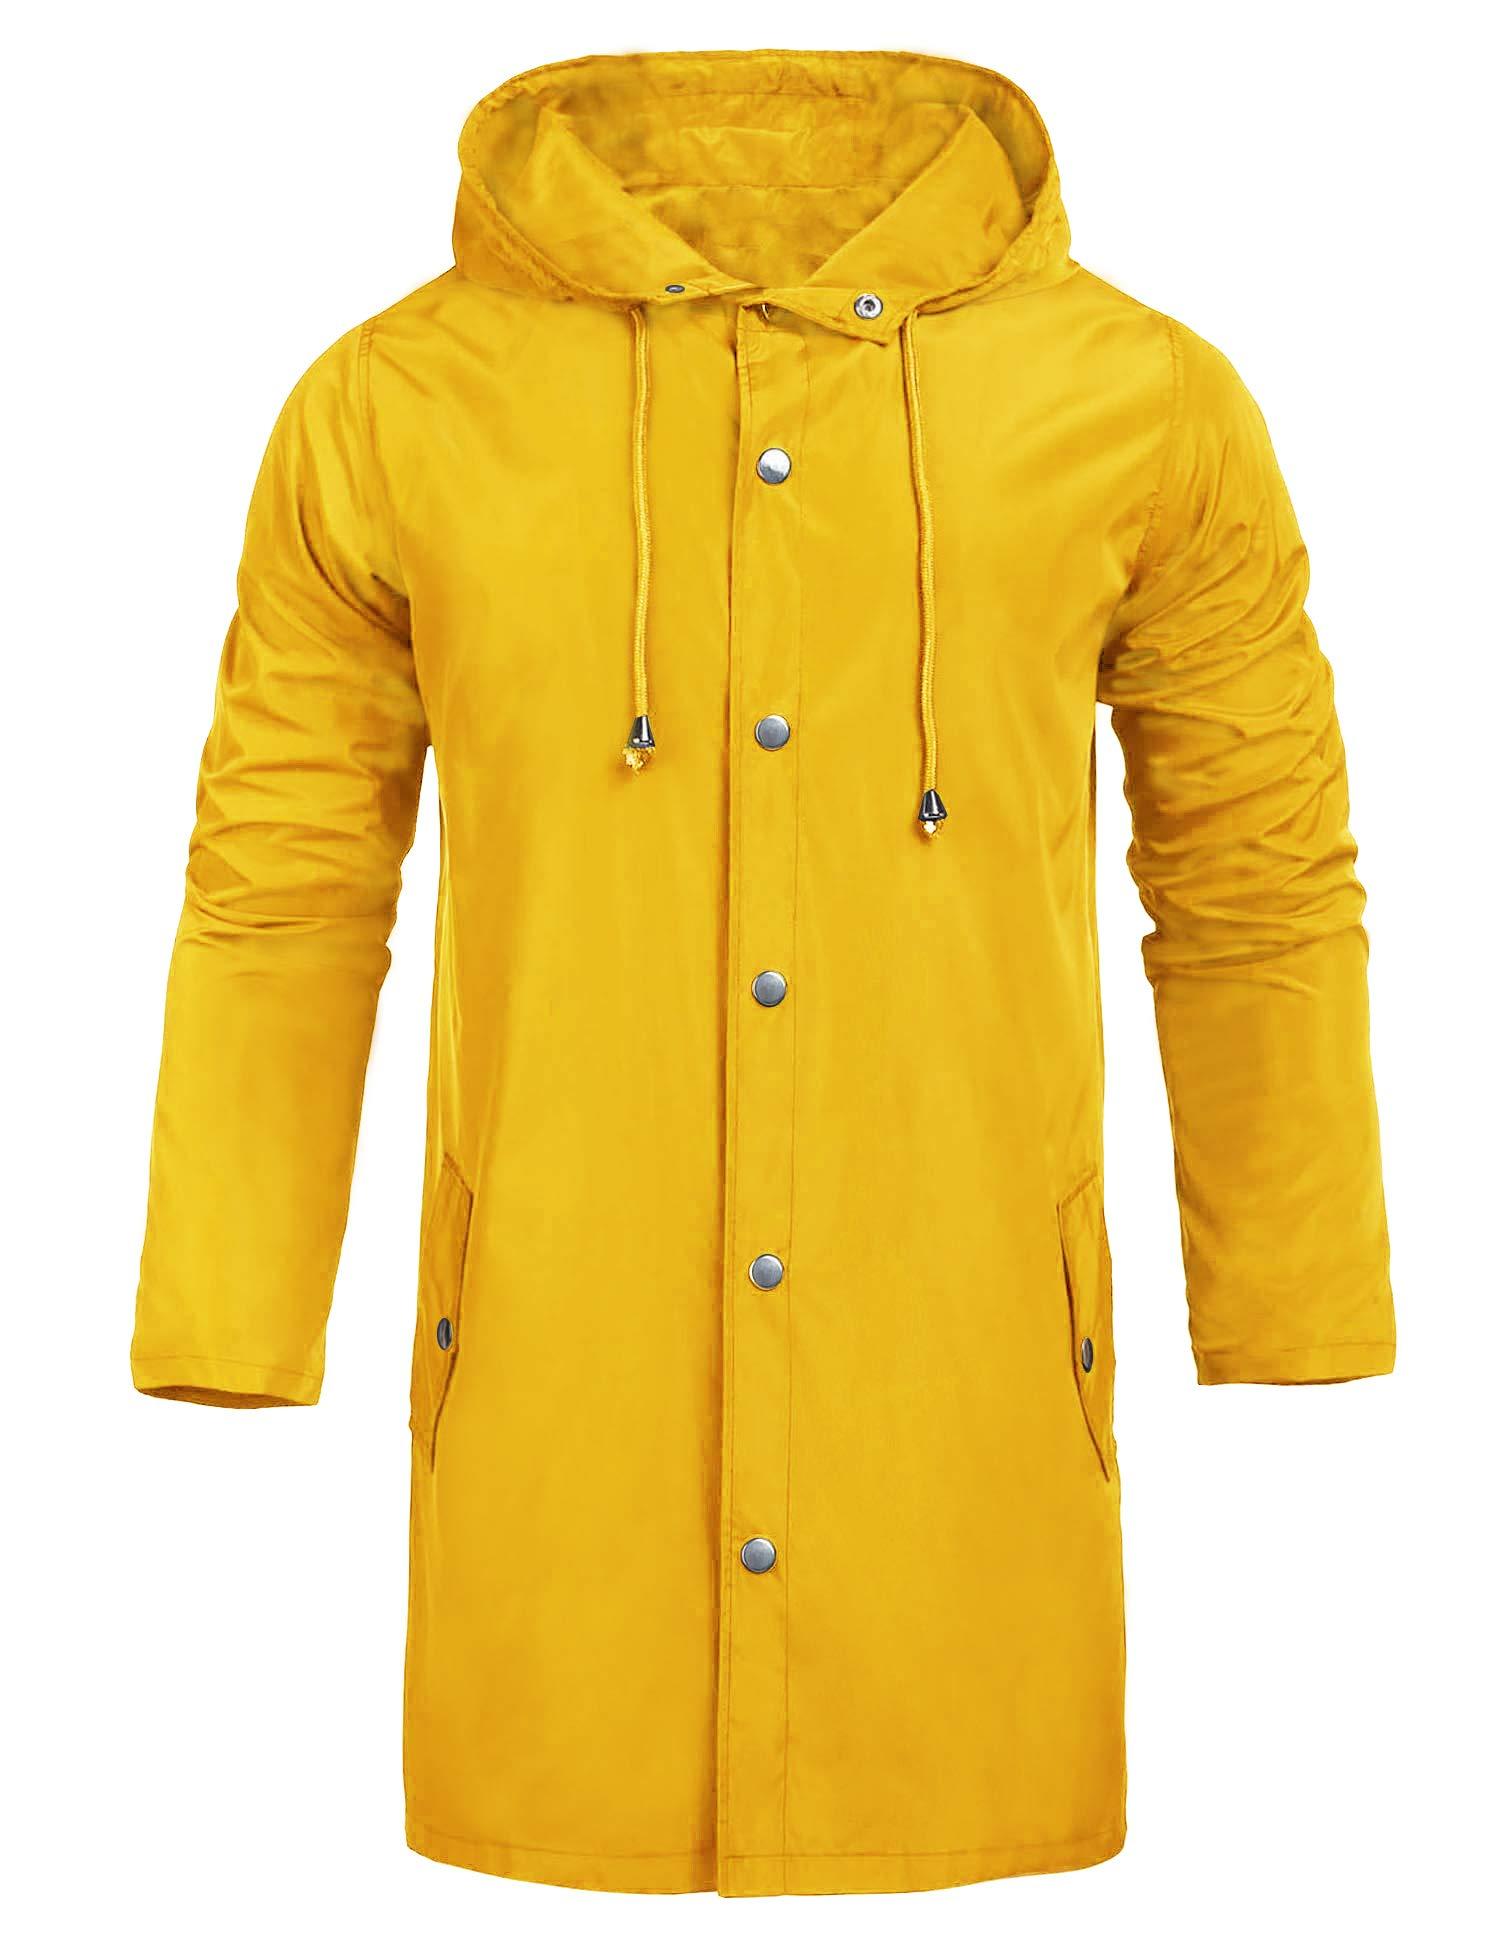 UUANG Men Raincoats Waterproof Jacket with Hood Active Outdoor Long Windbreaker Lightweight Rain Jacket for Men Yellow by UUANG